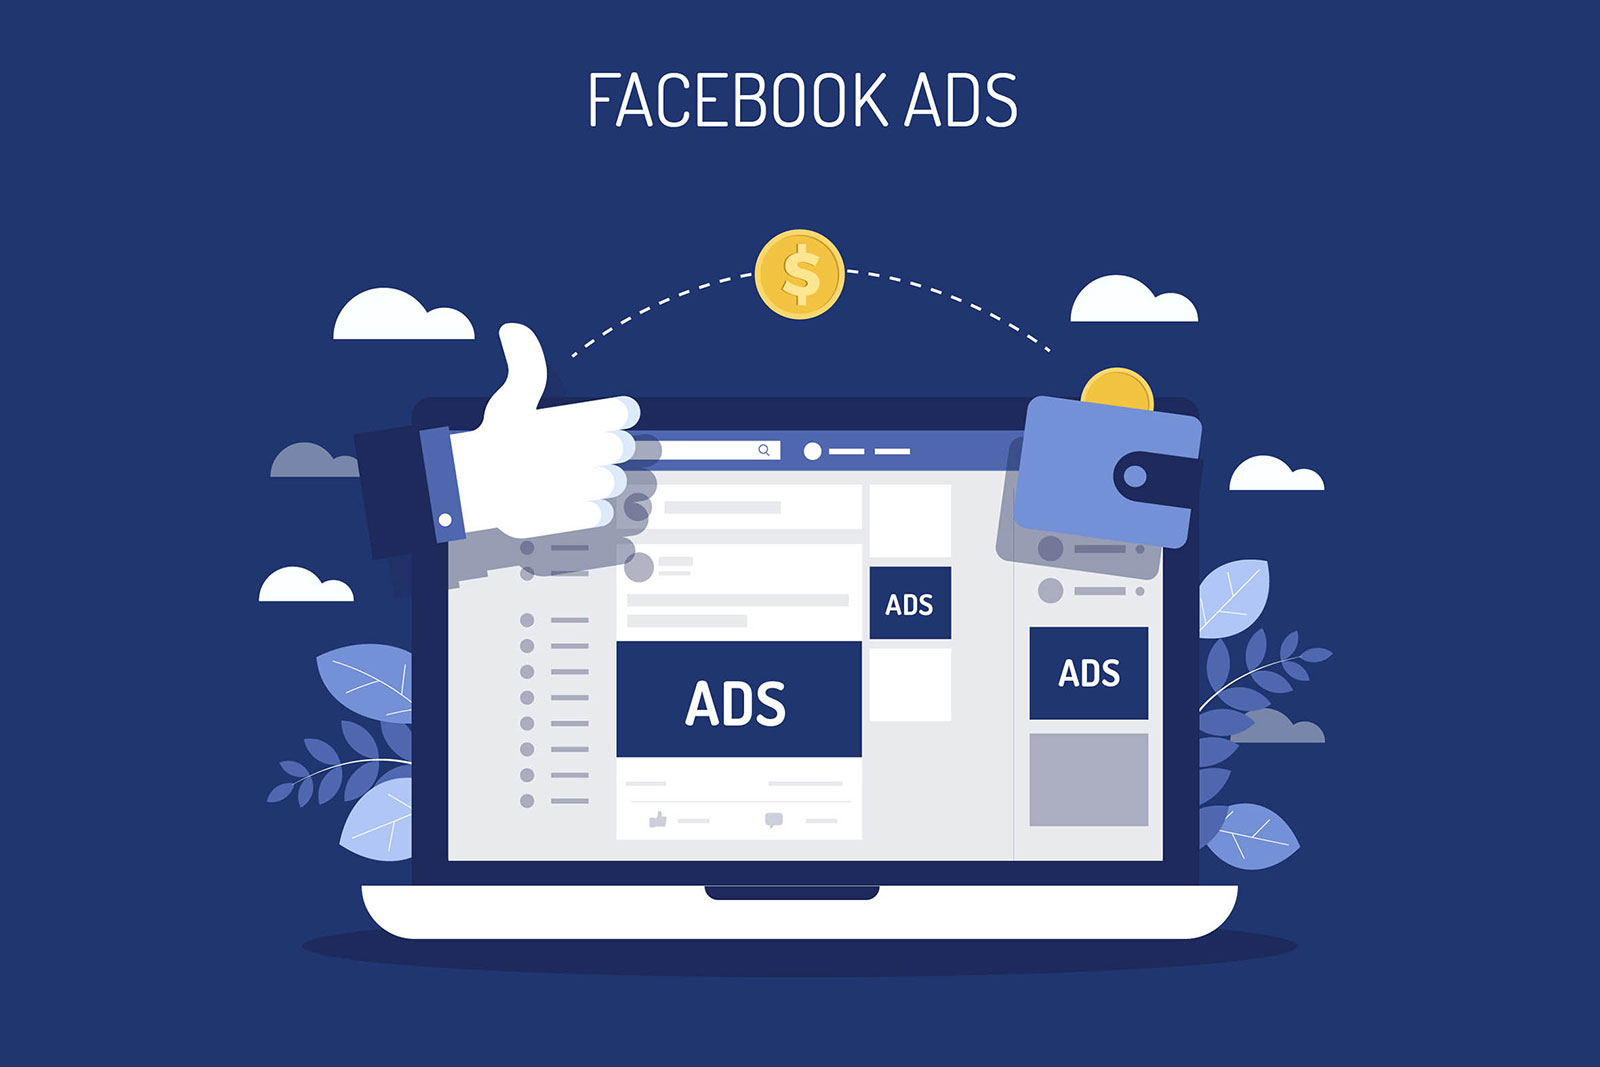 5 xu hướng Facebook Ads 2021 dành cho các doanh nghiệp